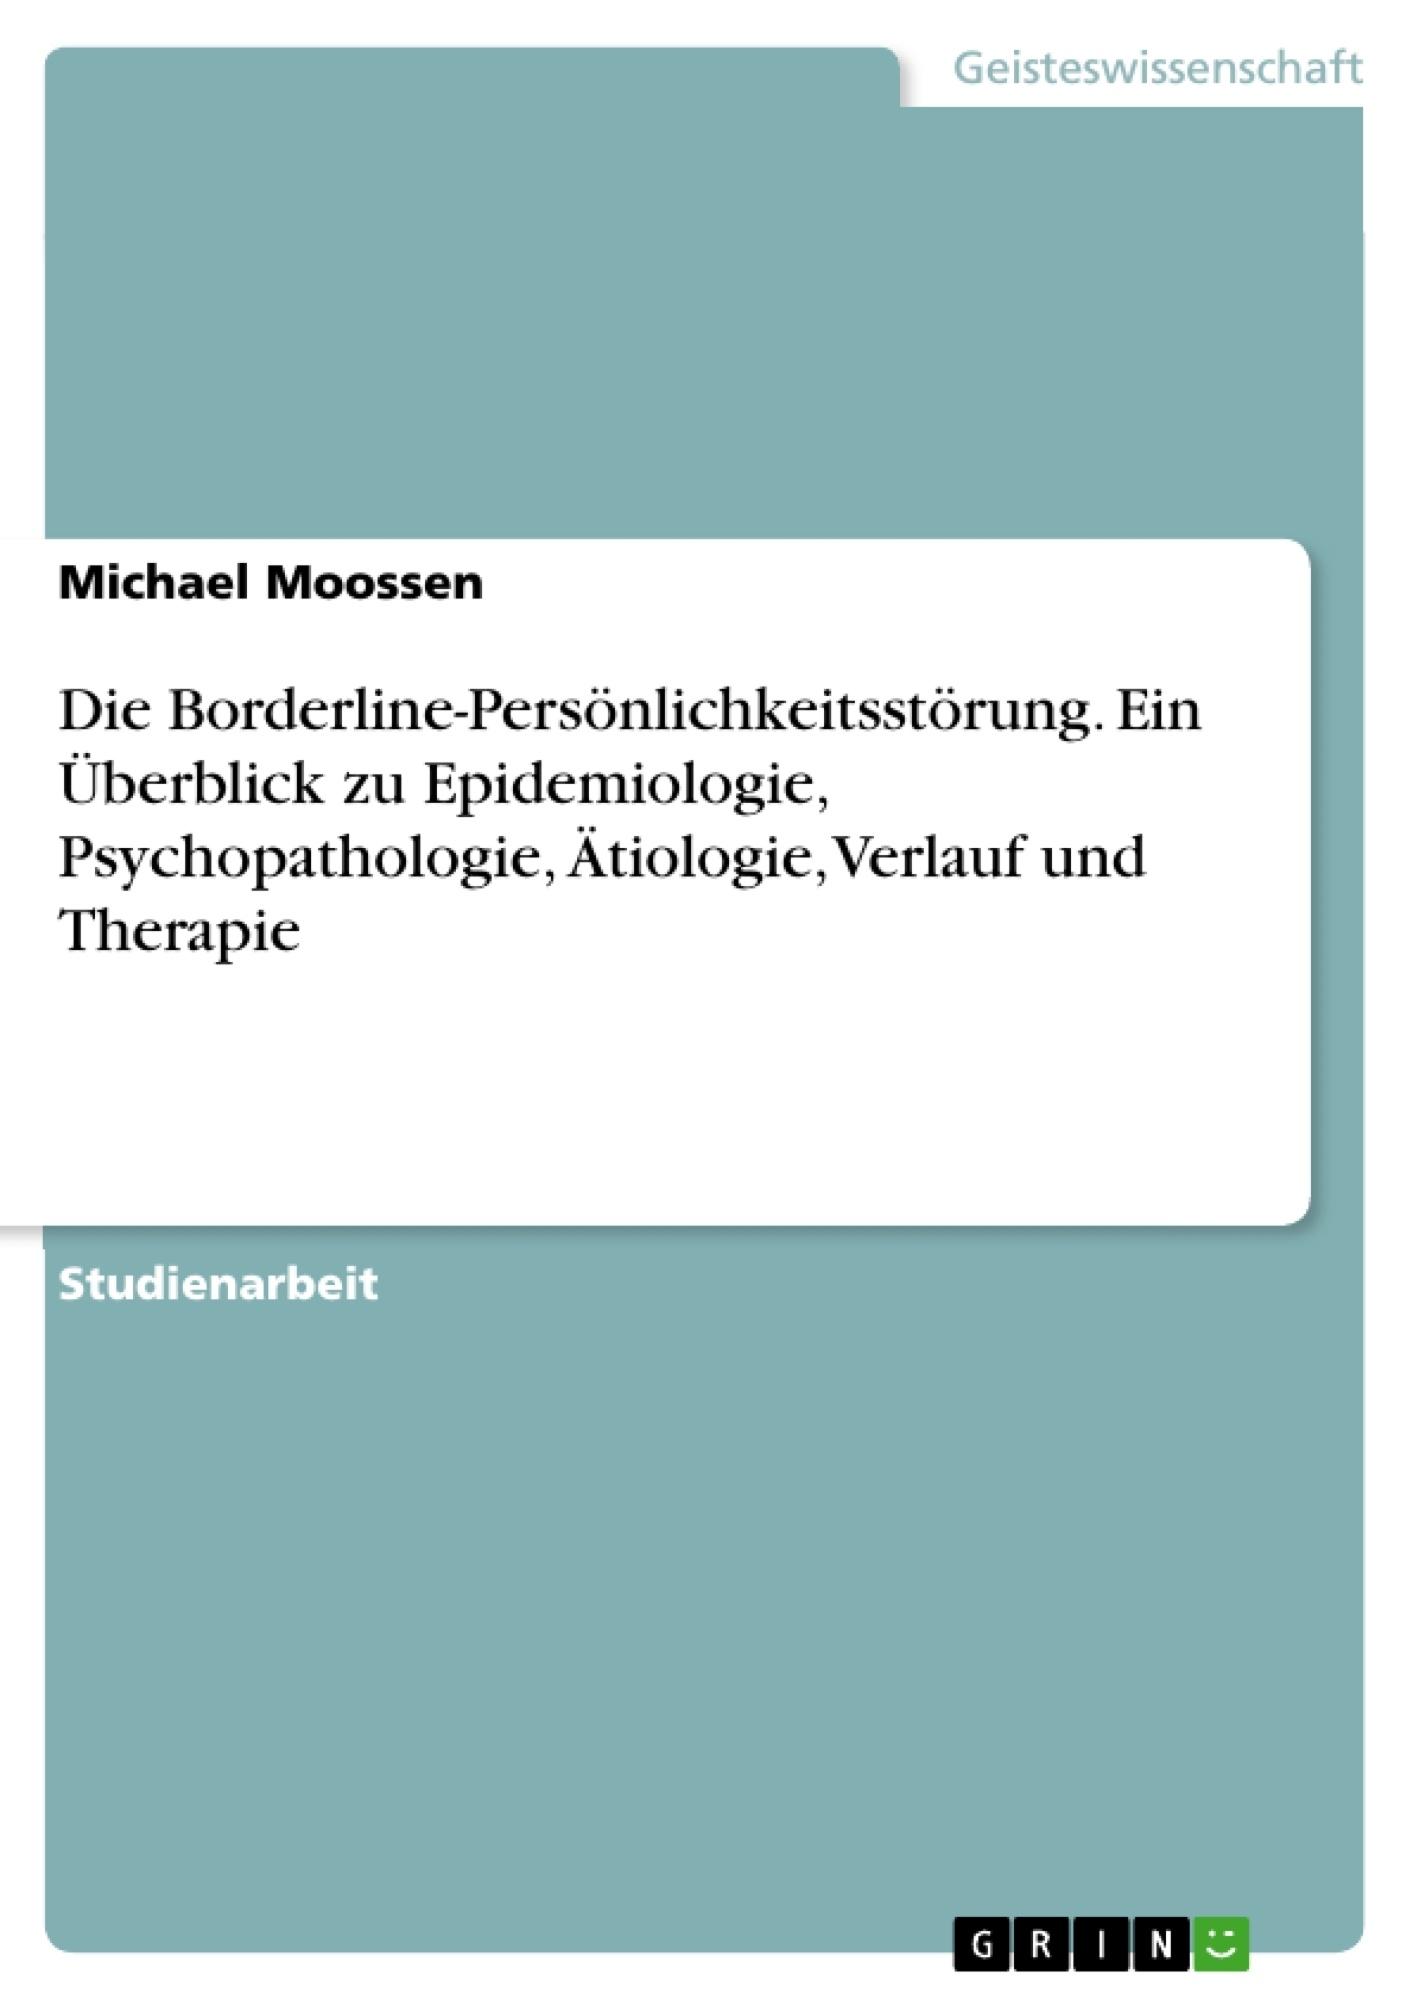 Titel: Die Borderline-Persönlichkeitsstörung. Ein Überblick zu Epidemiologie, Psychopathologie, Ätiologie, Verlauf und Therapie